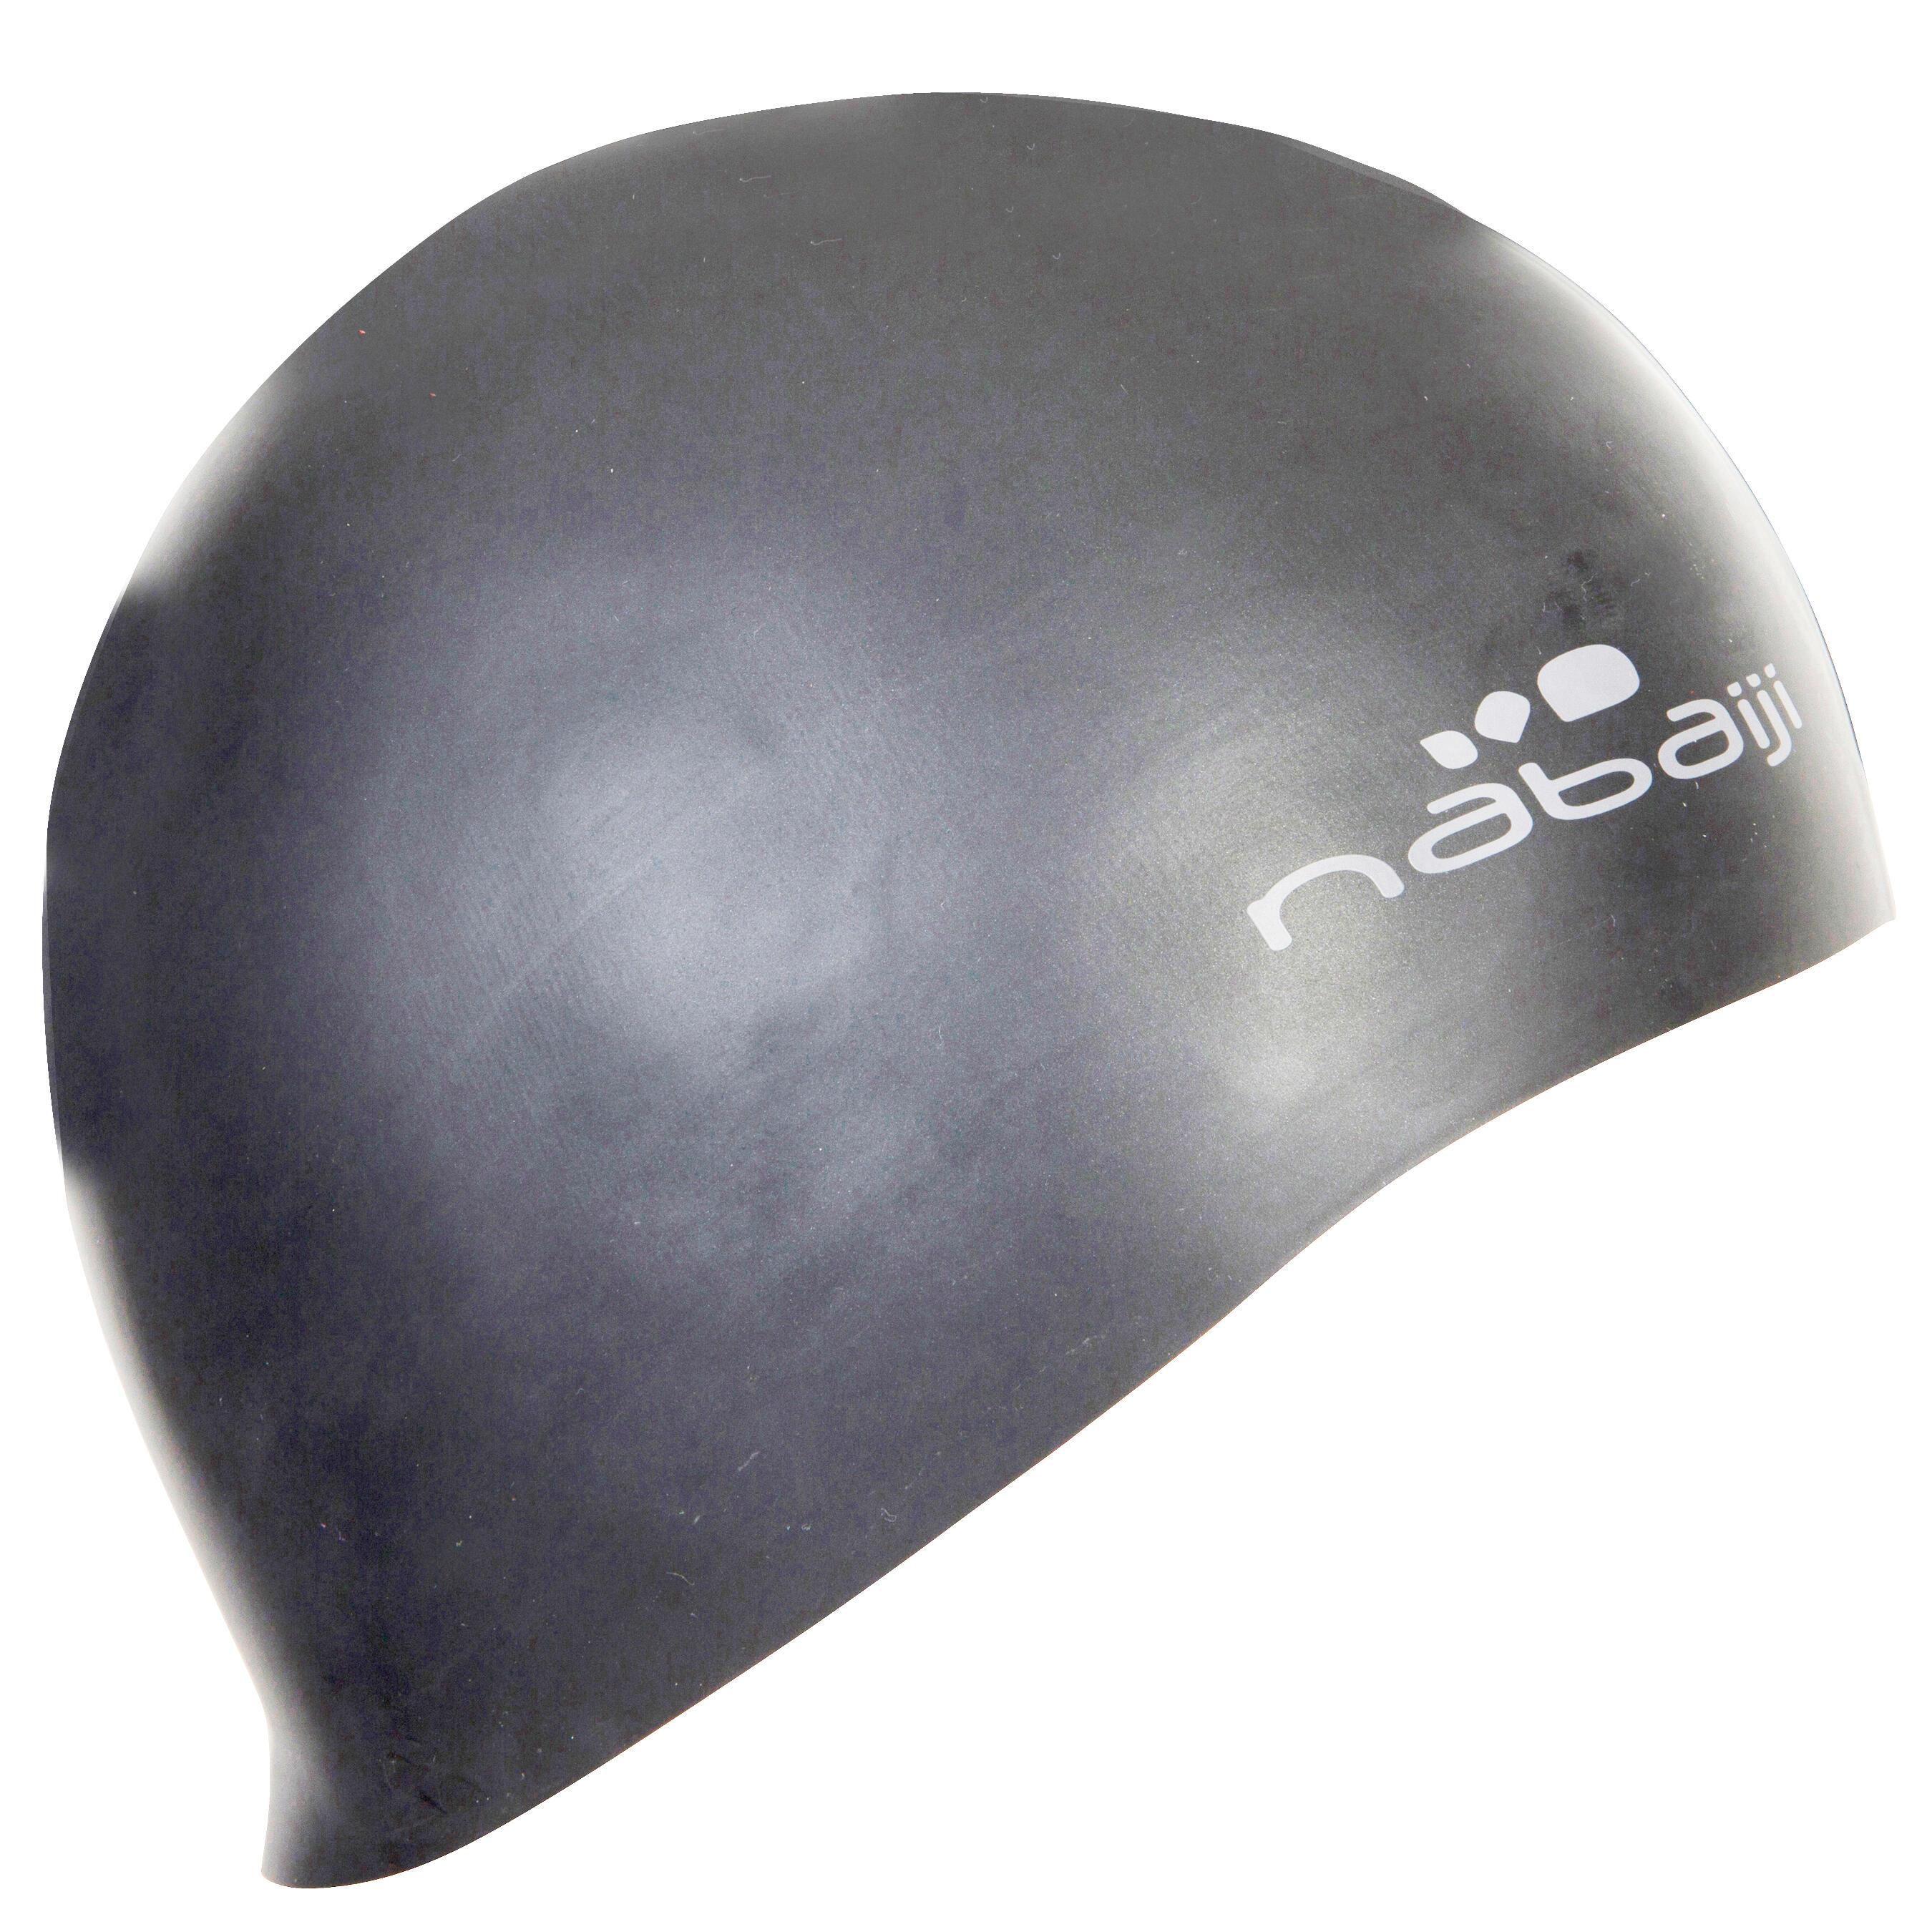 Swim Cap Silicone- Light Grey